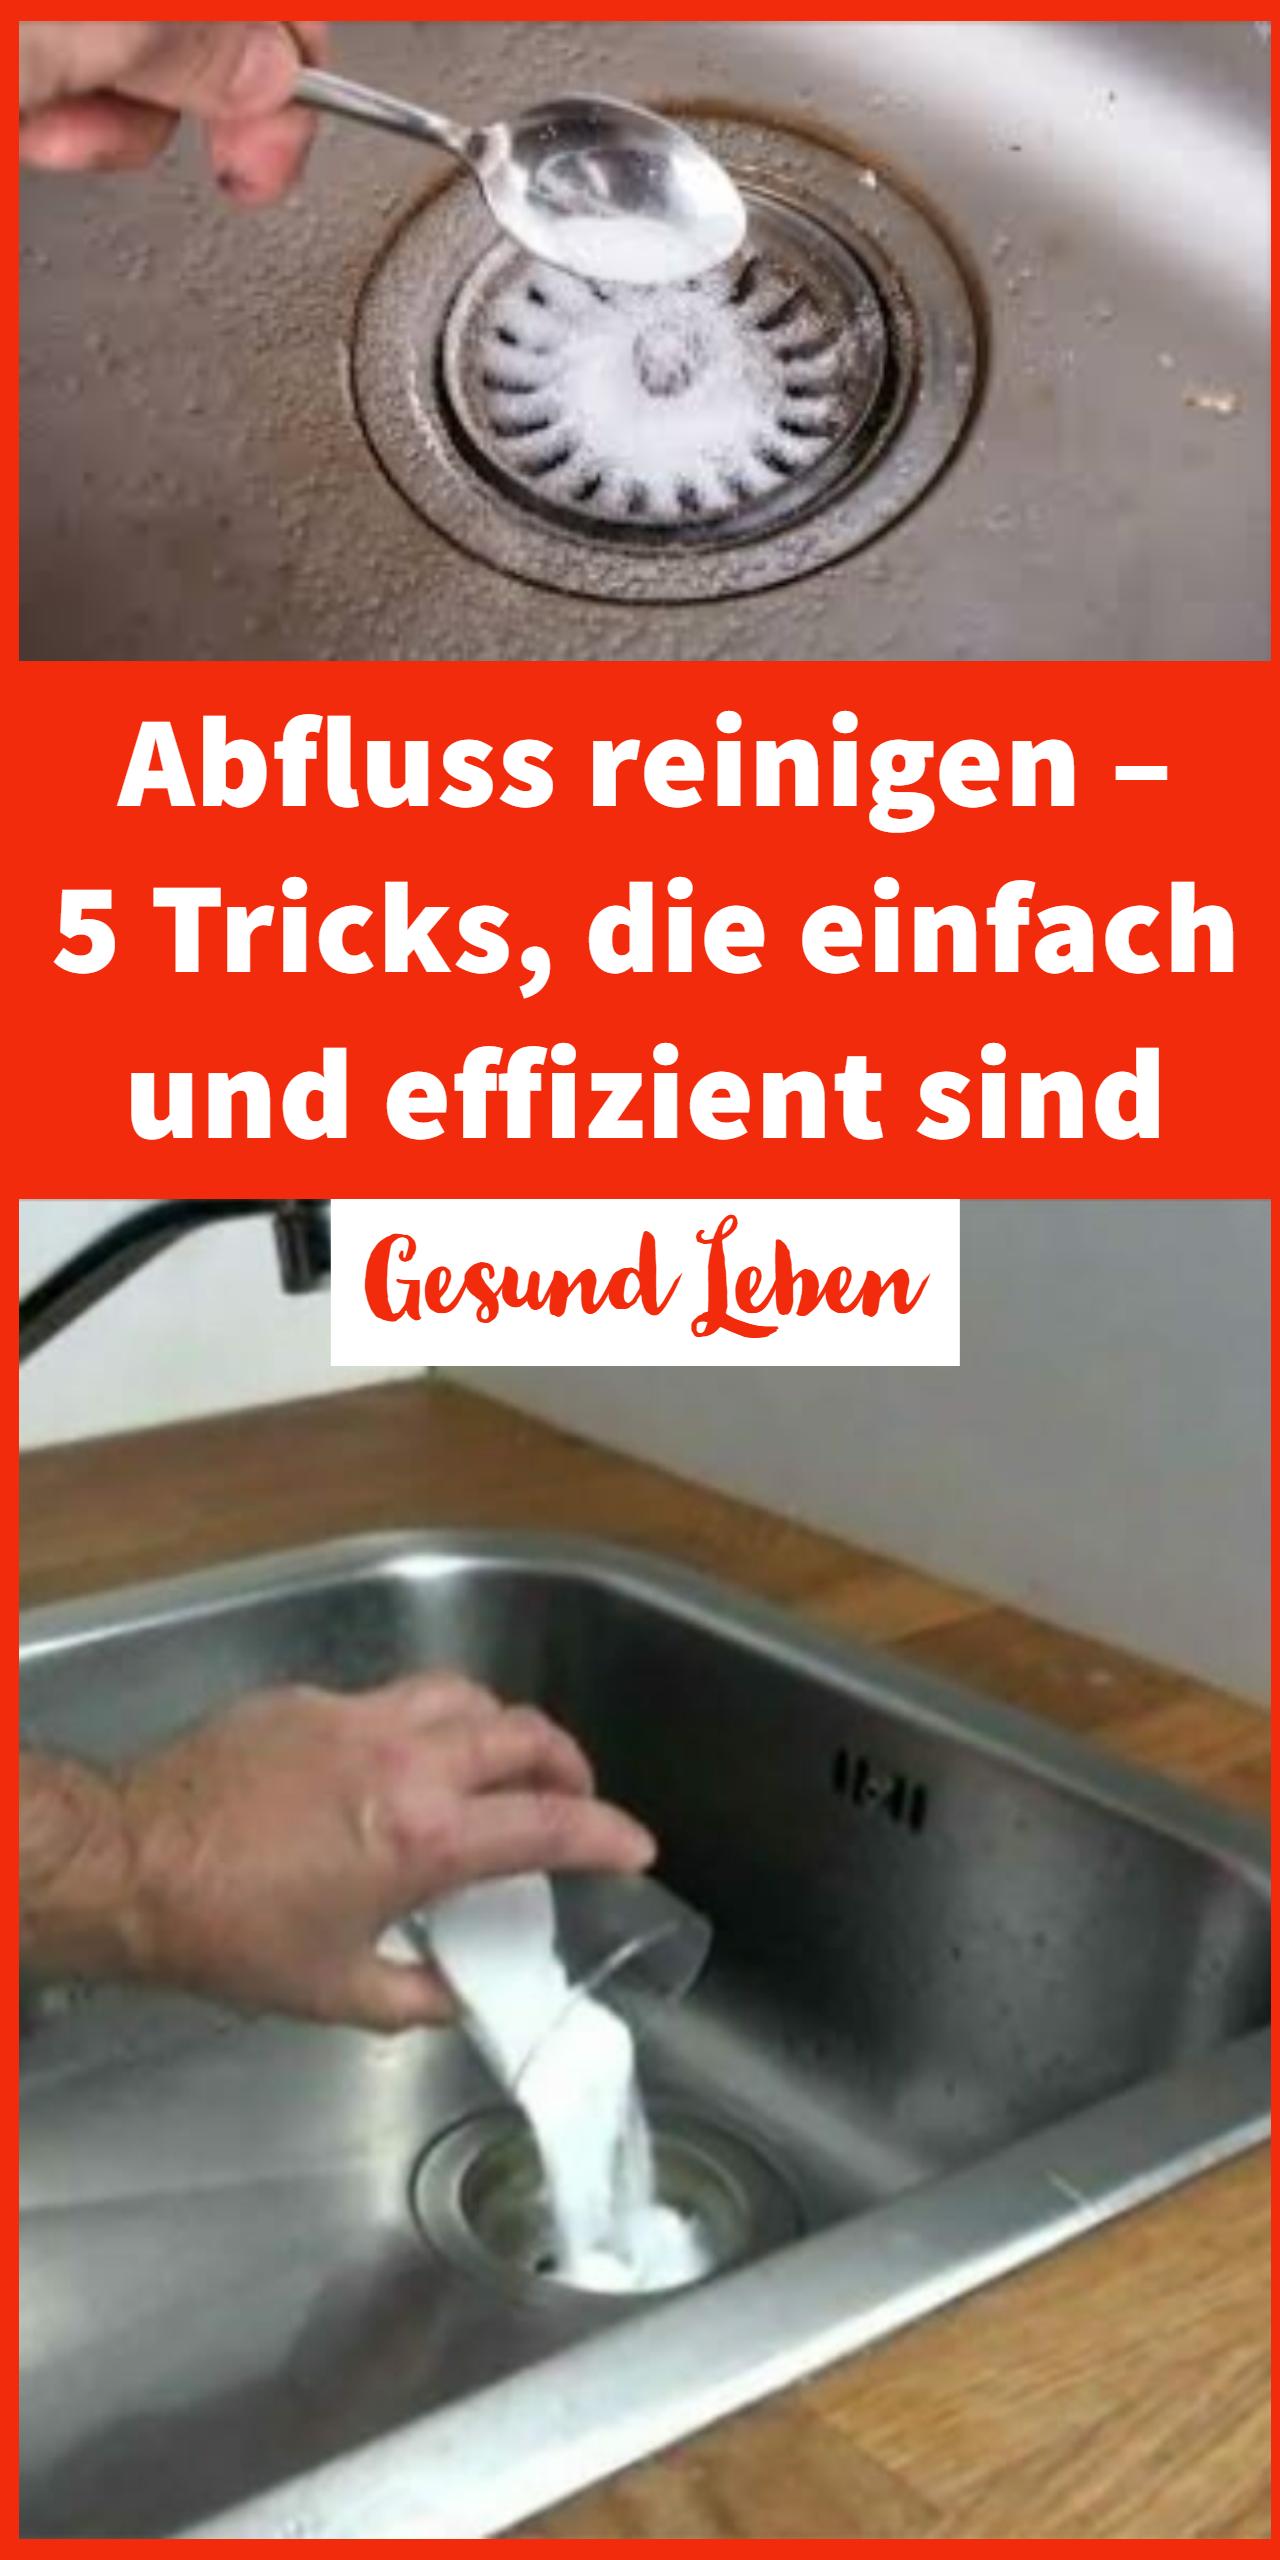 Abfluss Reinigen 5 Tricks Die Einfach Und Effizient Sind Tricks Reinigen Einfach